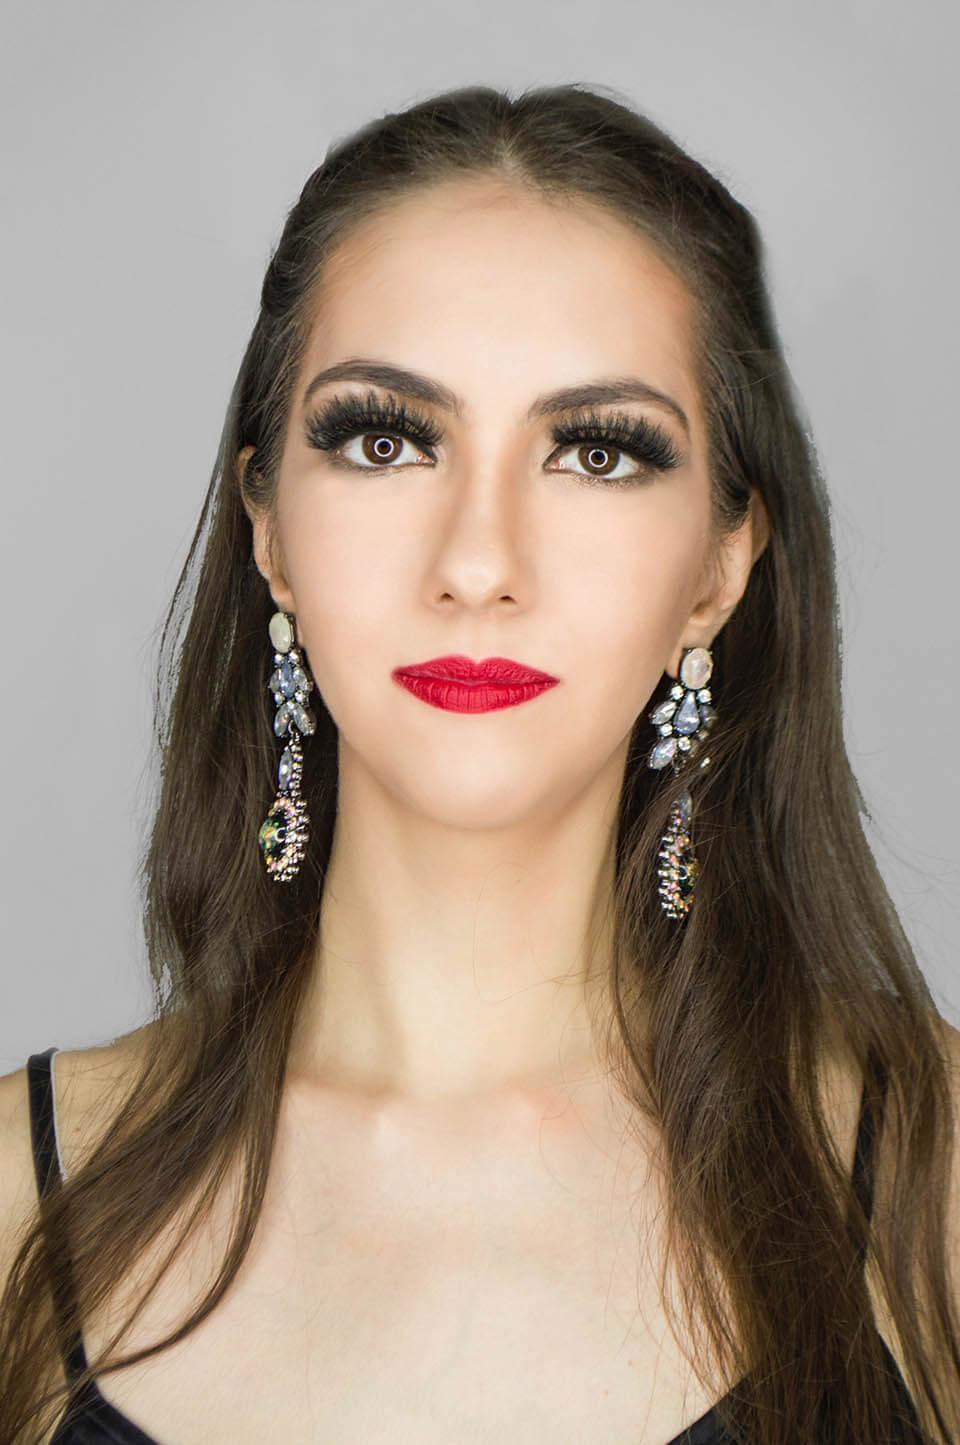 Manu Luize - Party makeup